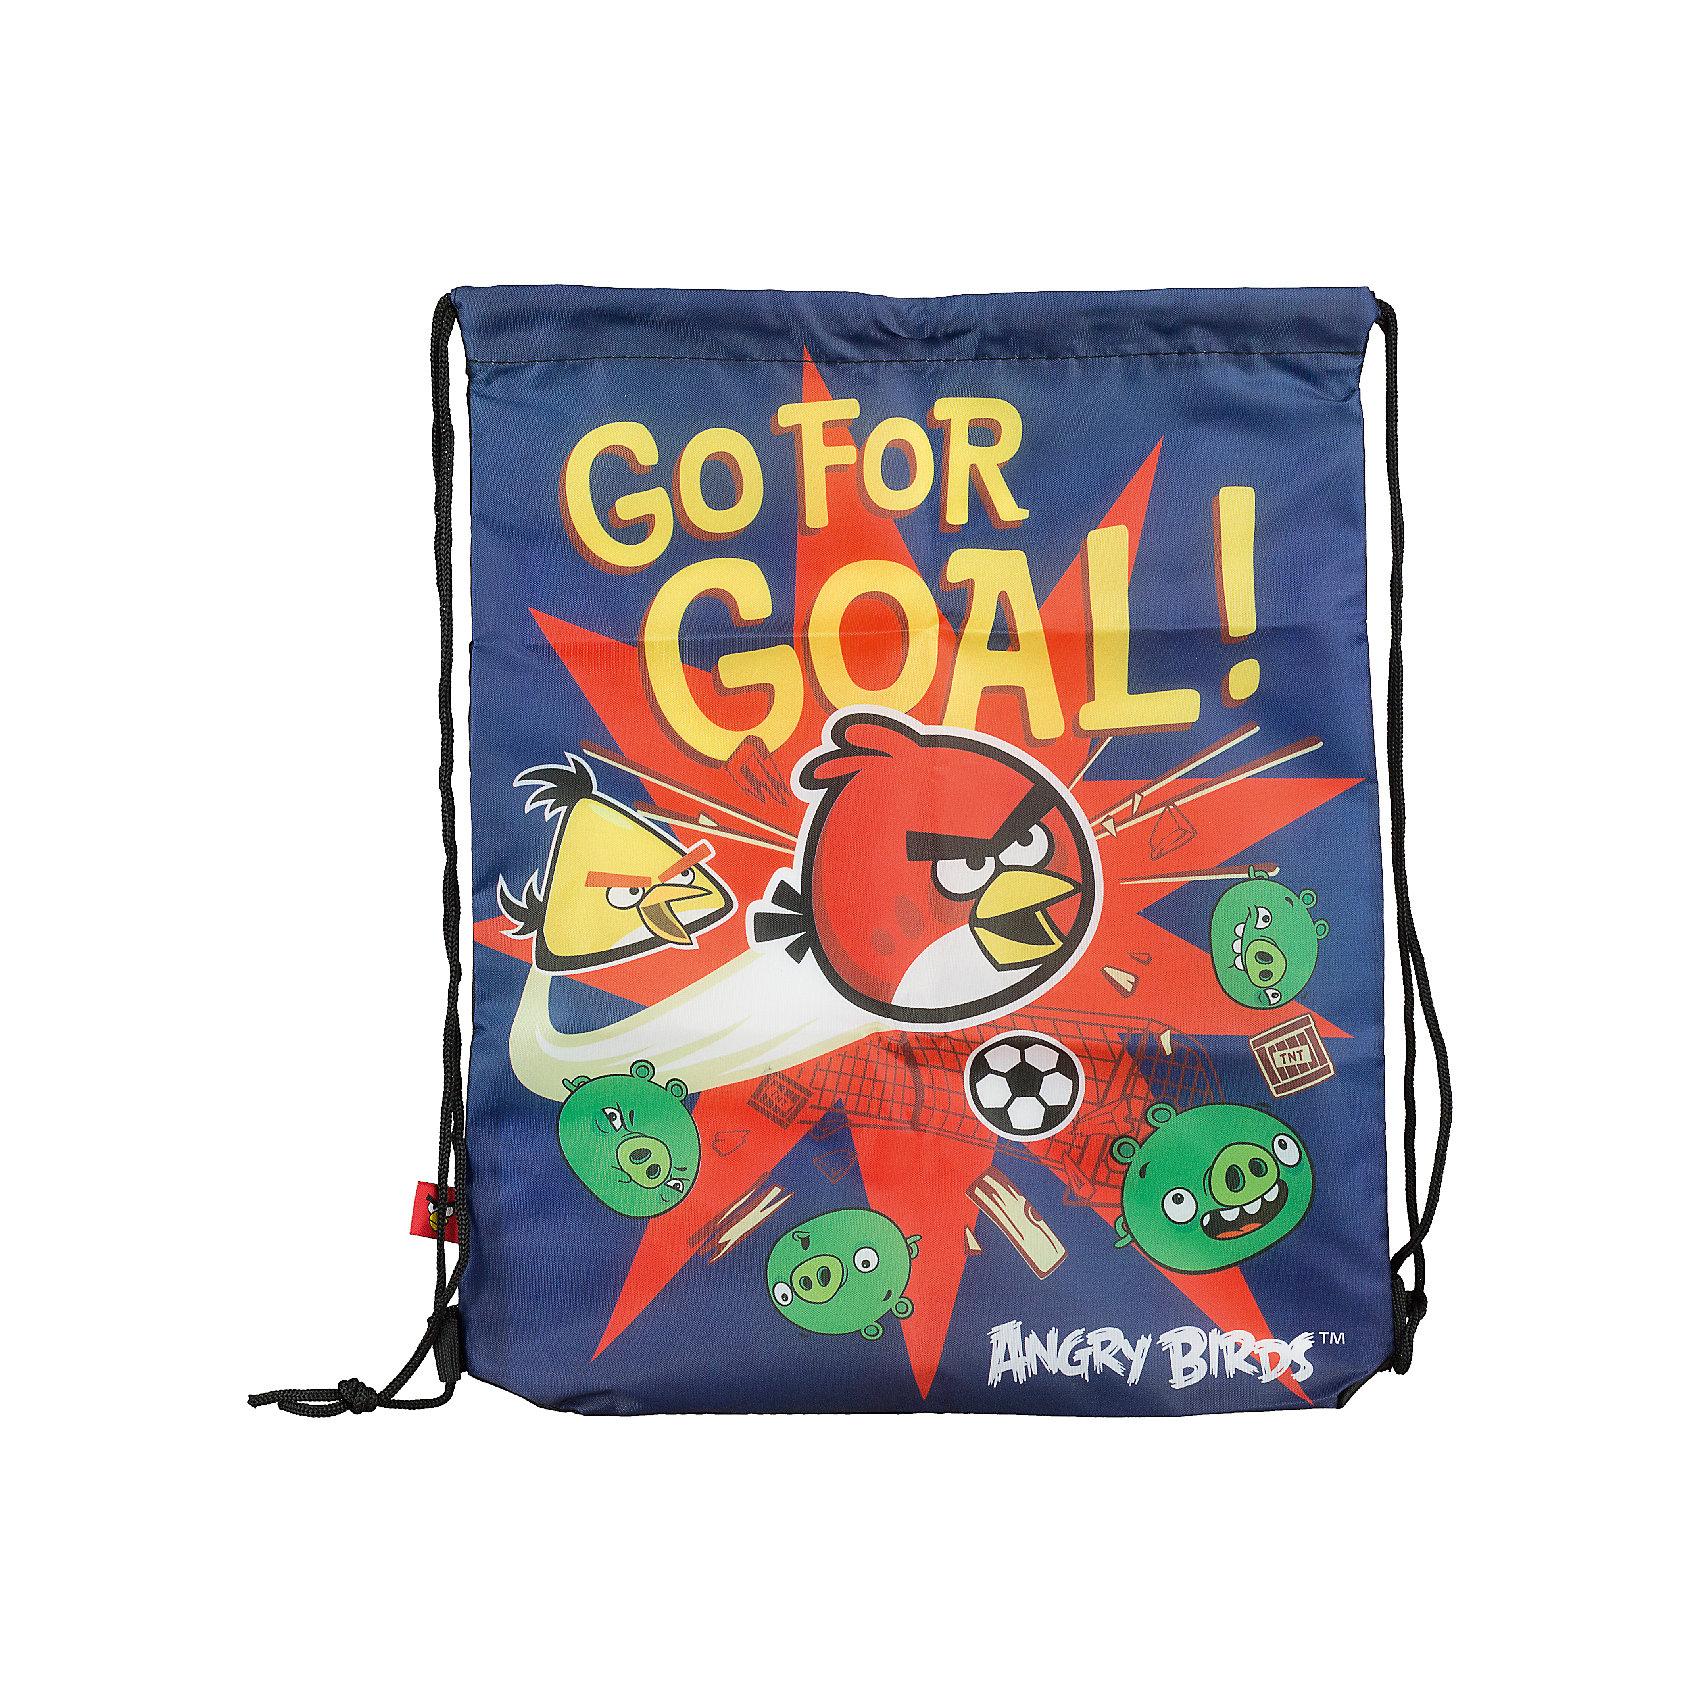 Академия групп Сумка-рюкзак для обуви Angry Birds академия групп сумка рюкзак для обуви холодное сердце